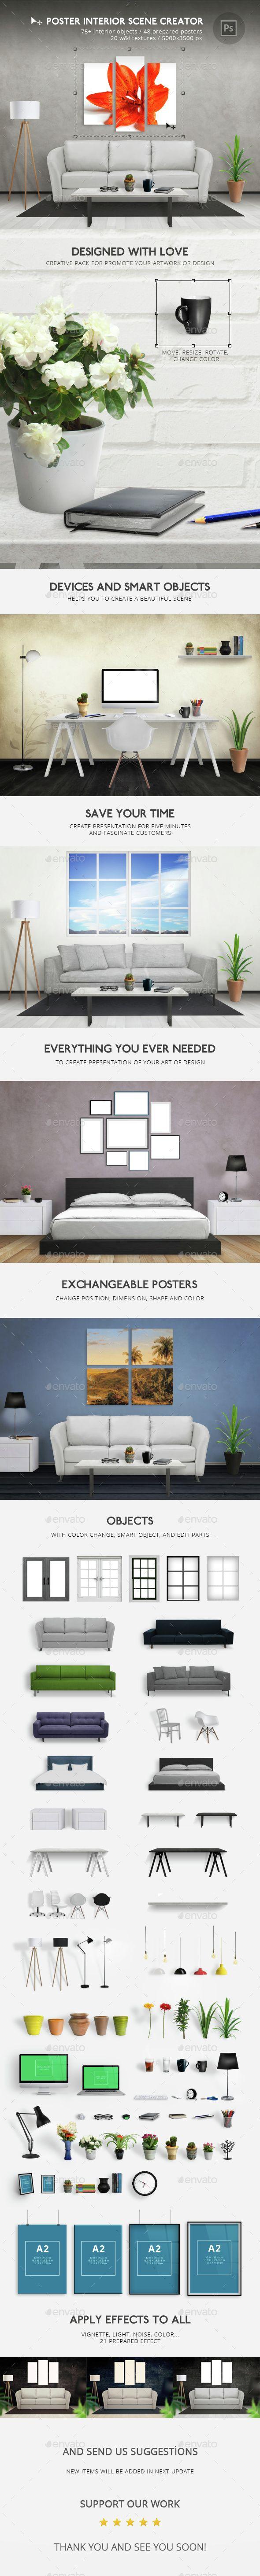 Poster design creator - Poster Interior Scene Creator